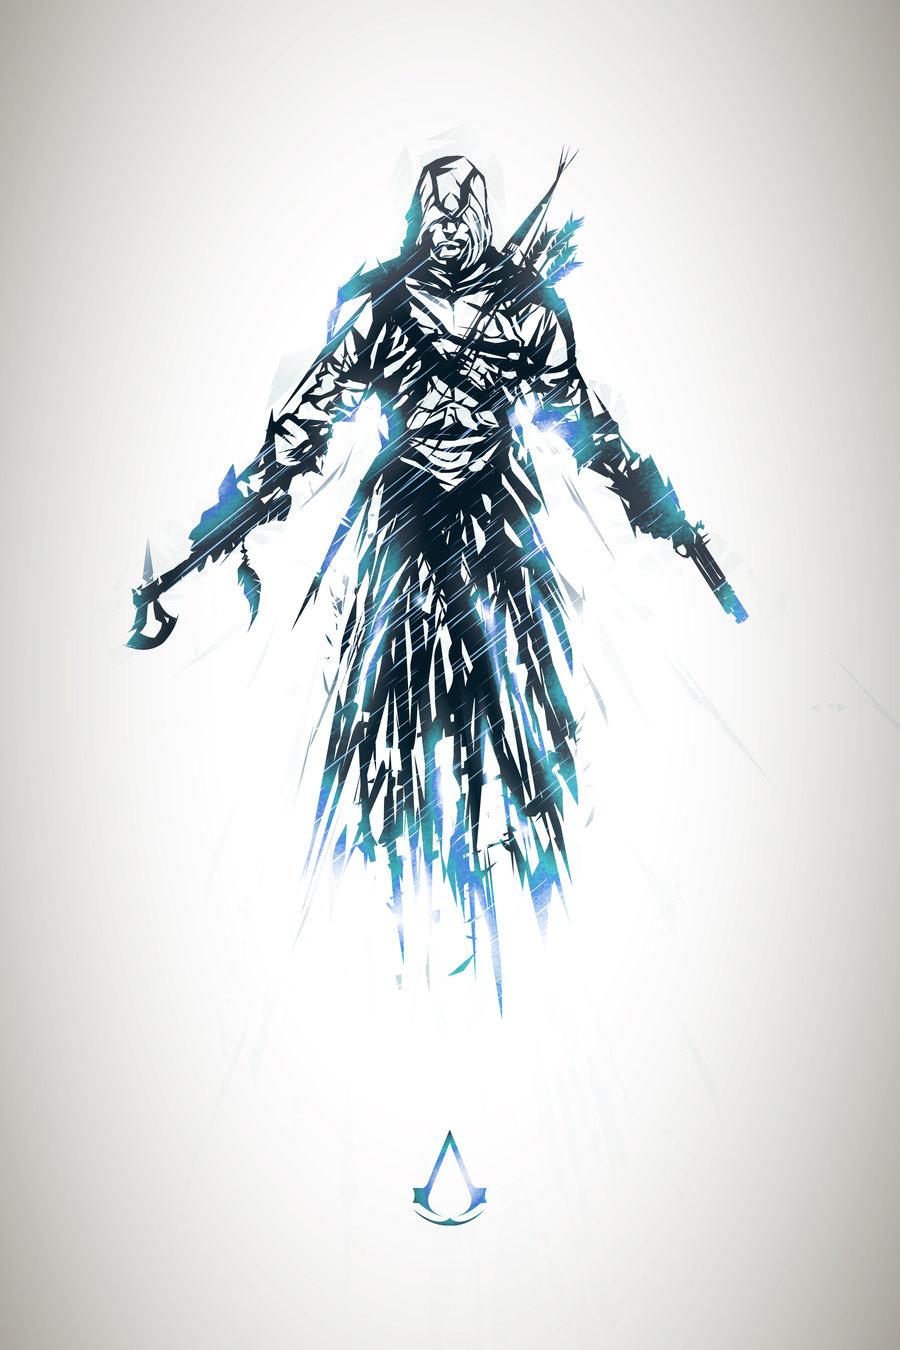 assassin__3_by_chasingartwork.jpg